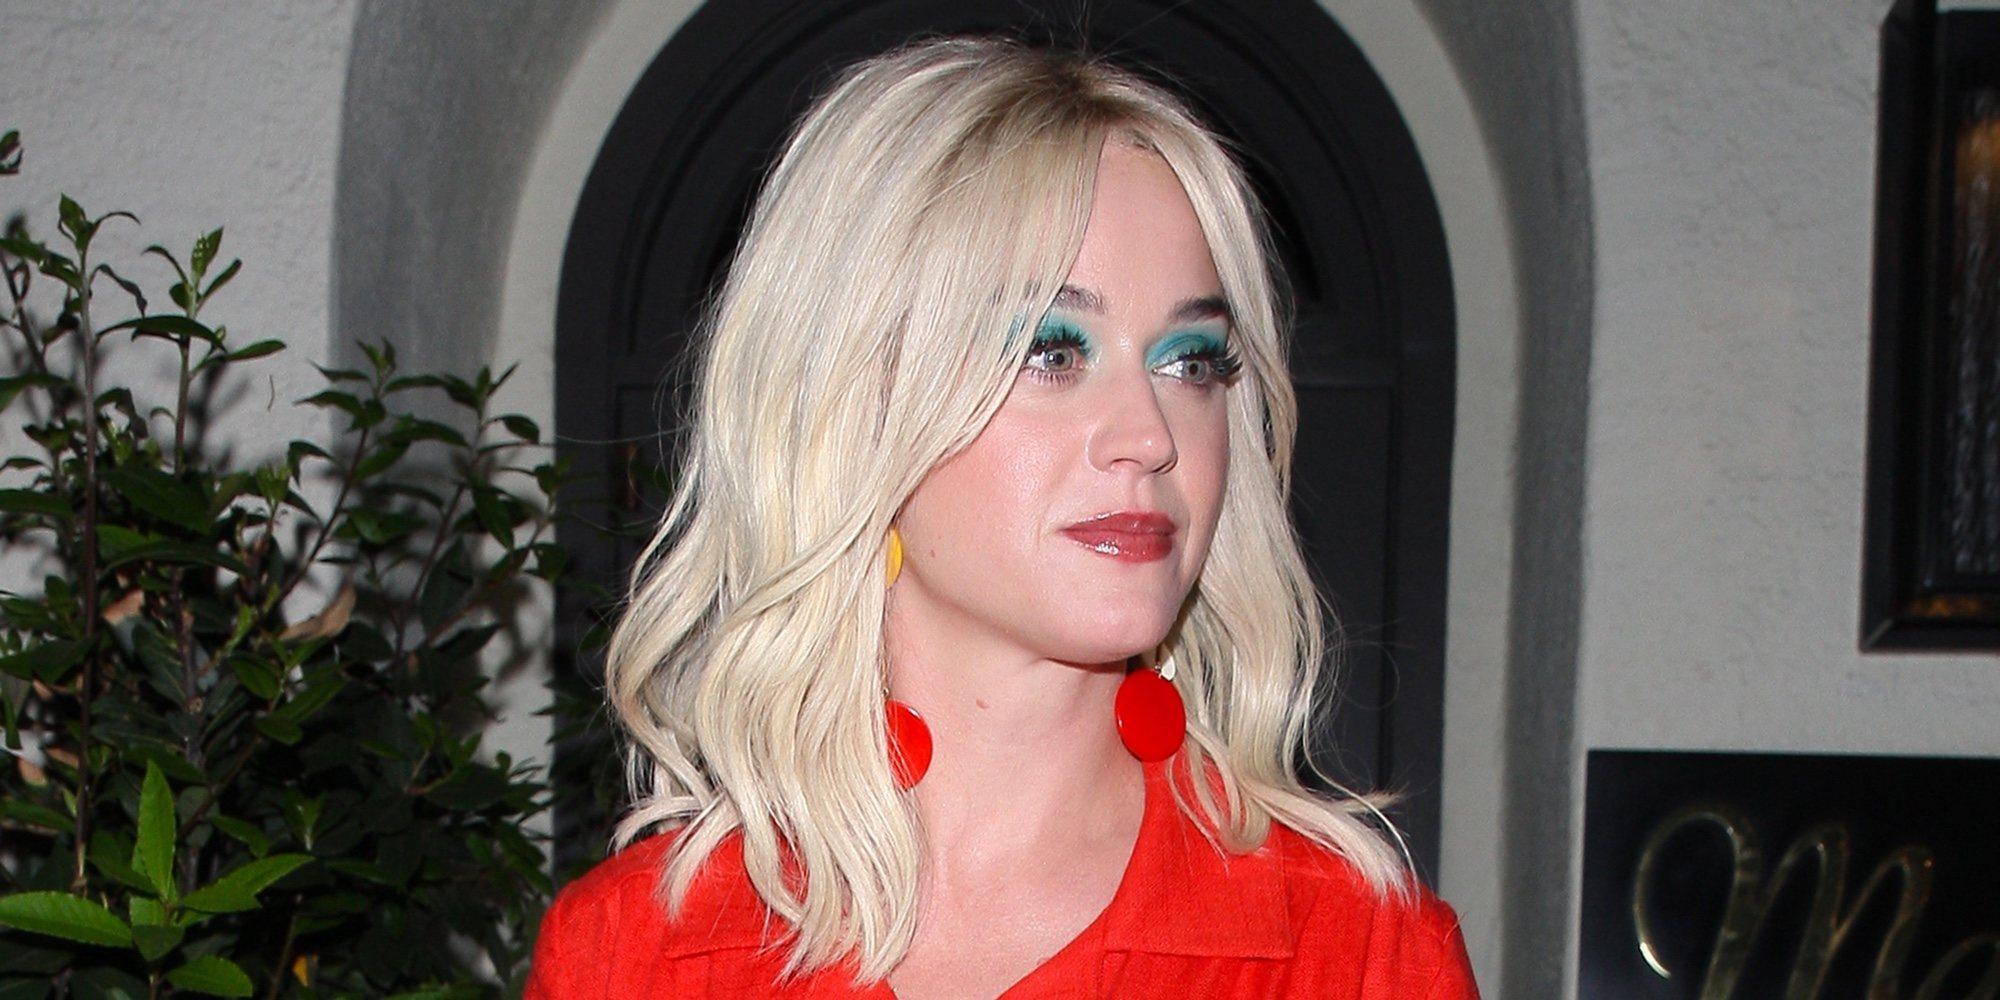 Así fue cómo Katy Perry dio el paso para reconciliarse con Taylor Swift